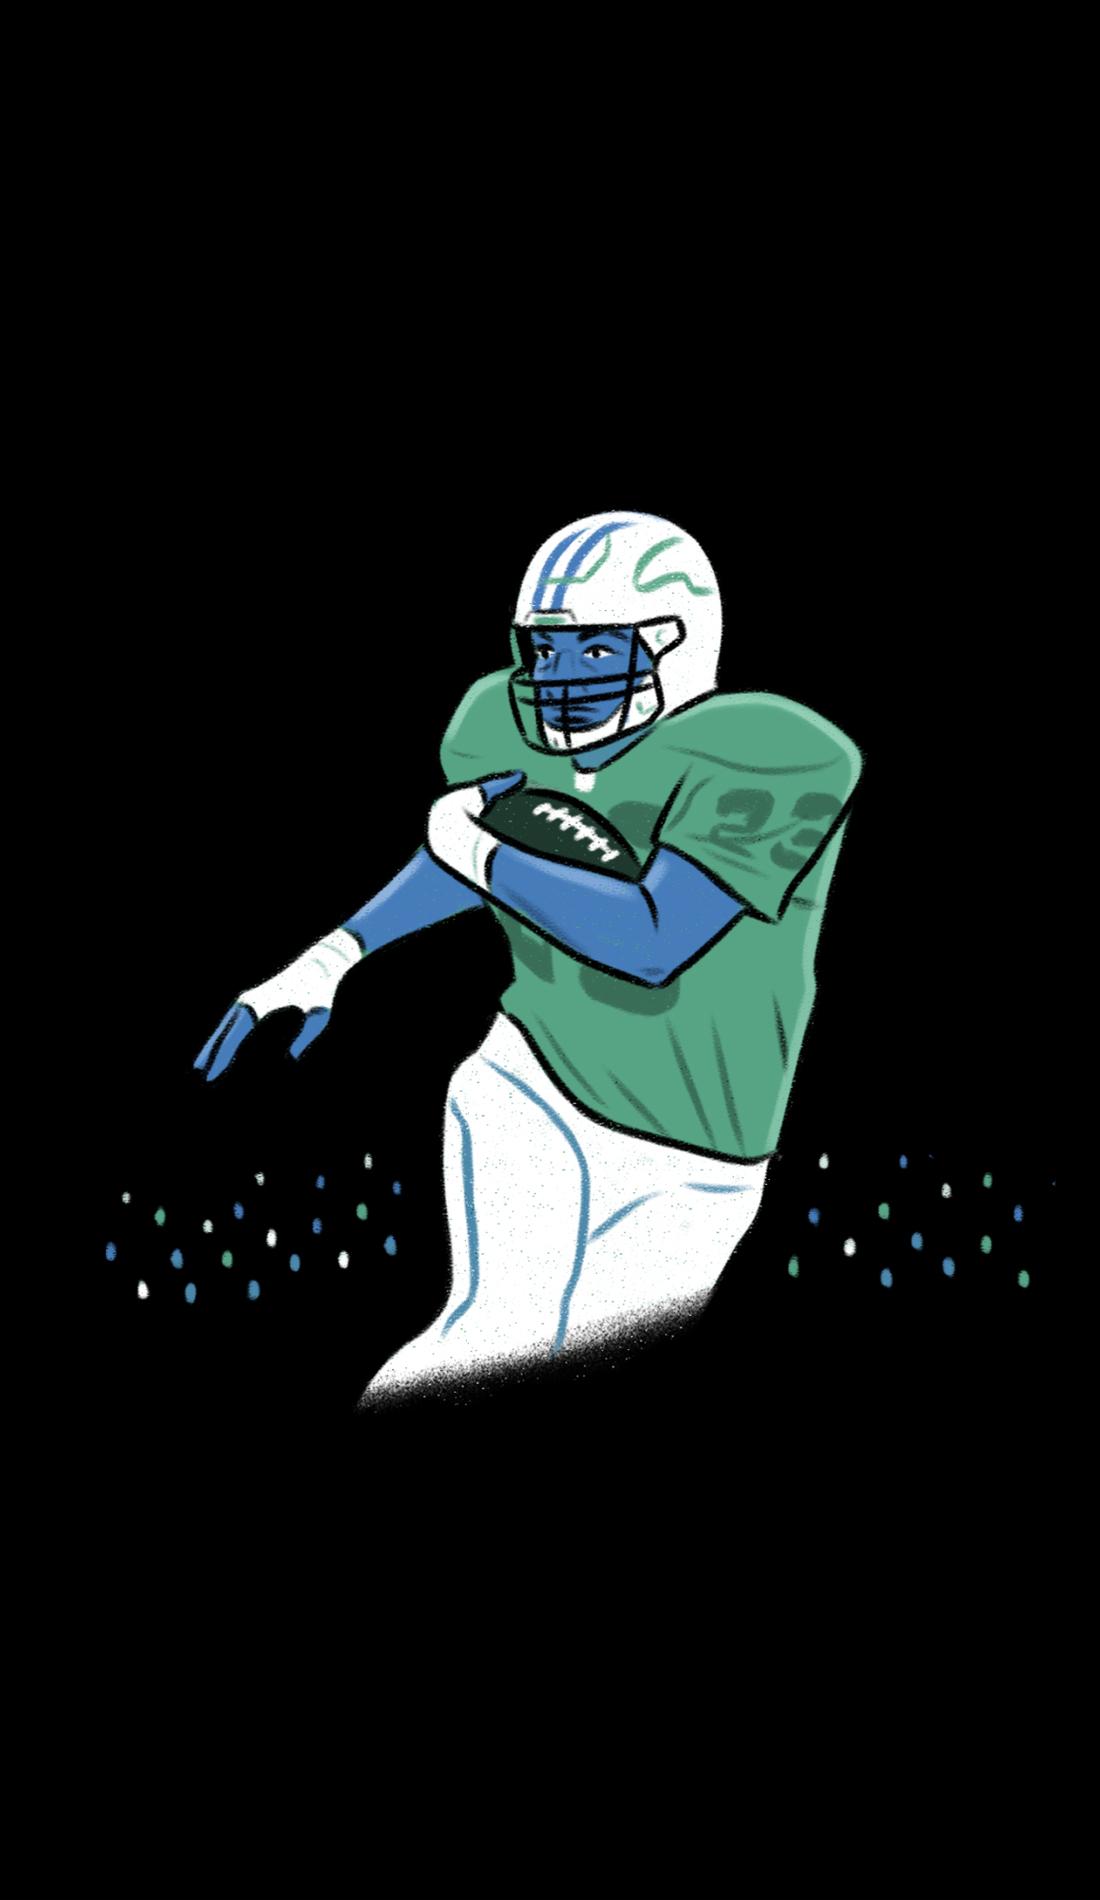 A Presbyterian Blue Hose Football live event